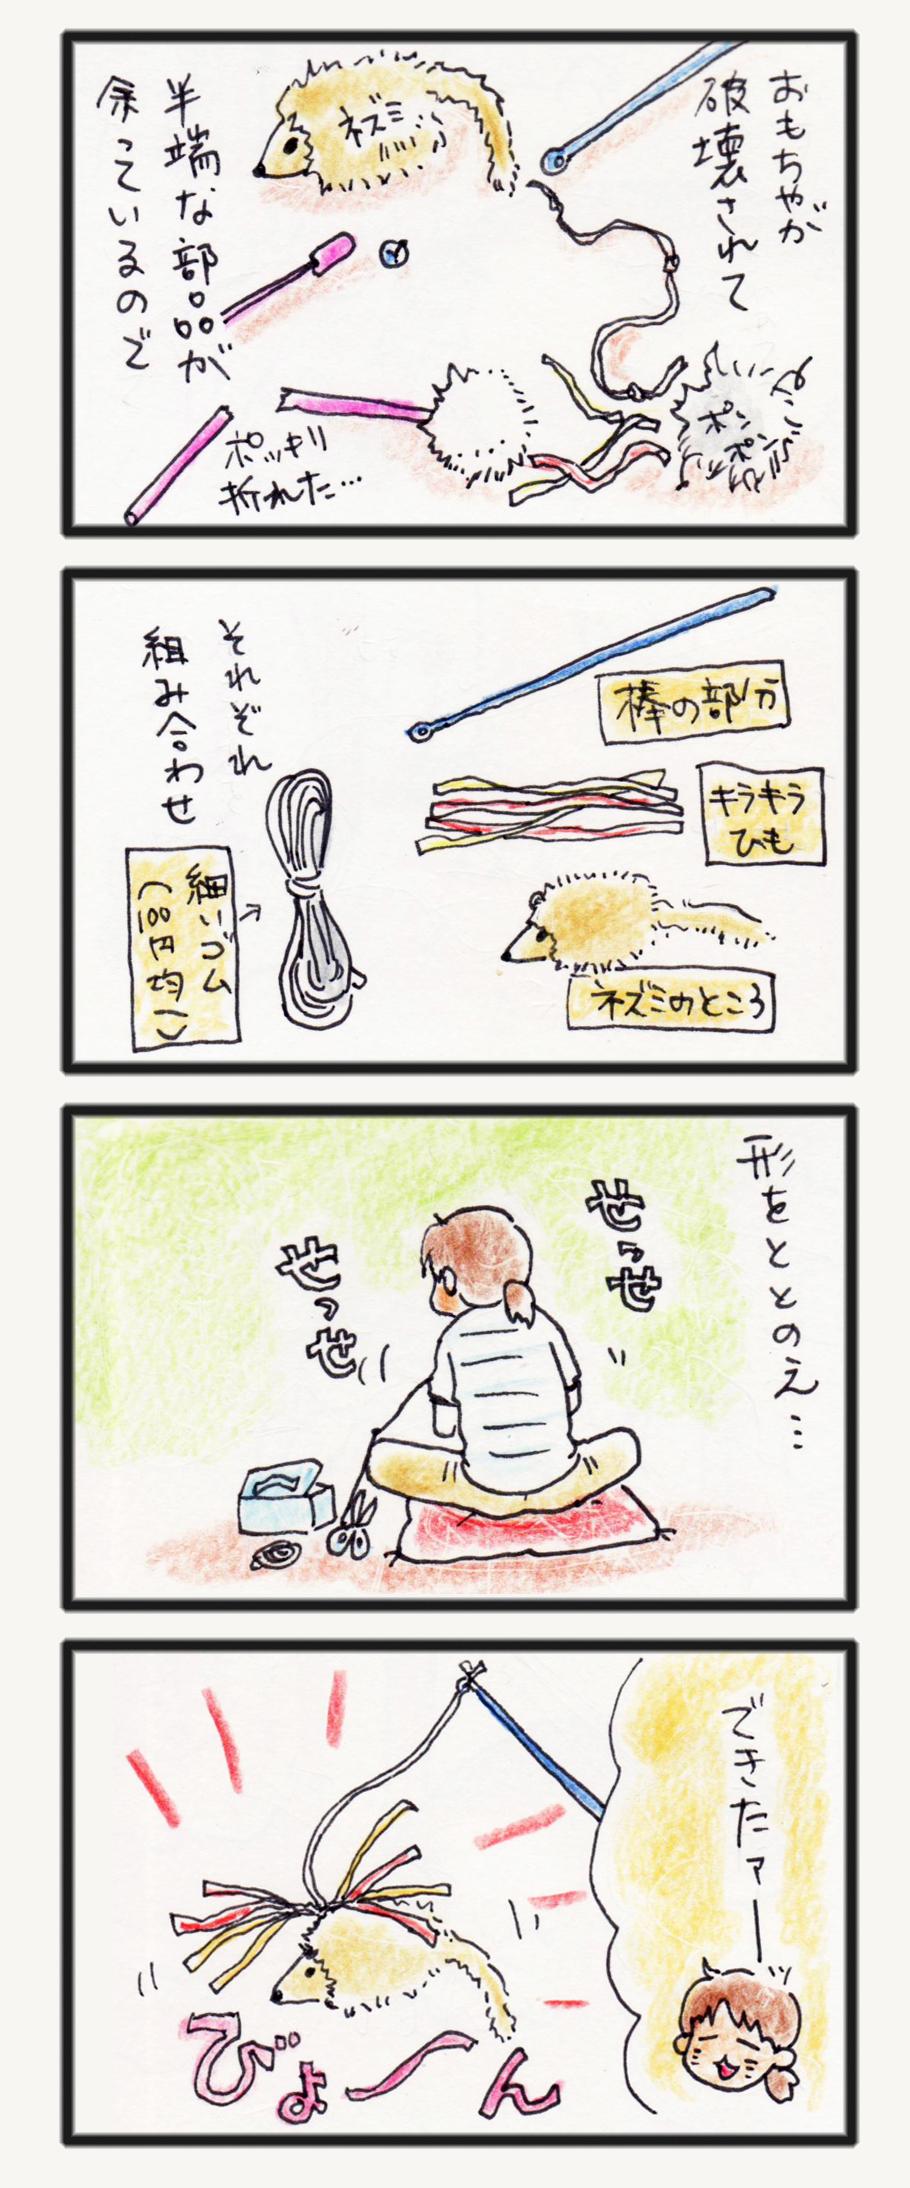 comic_4c_140530.jpg